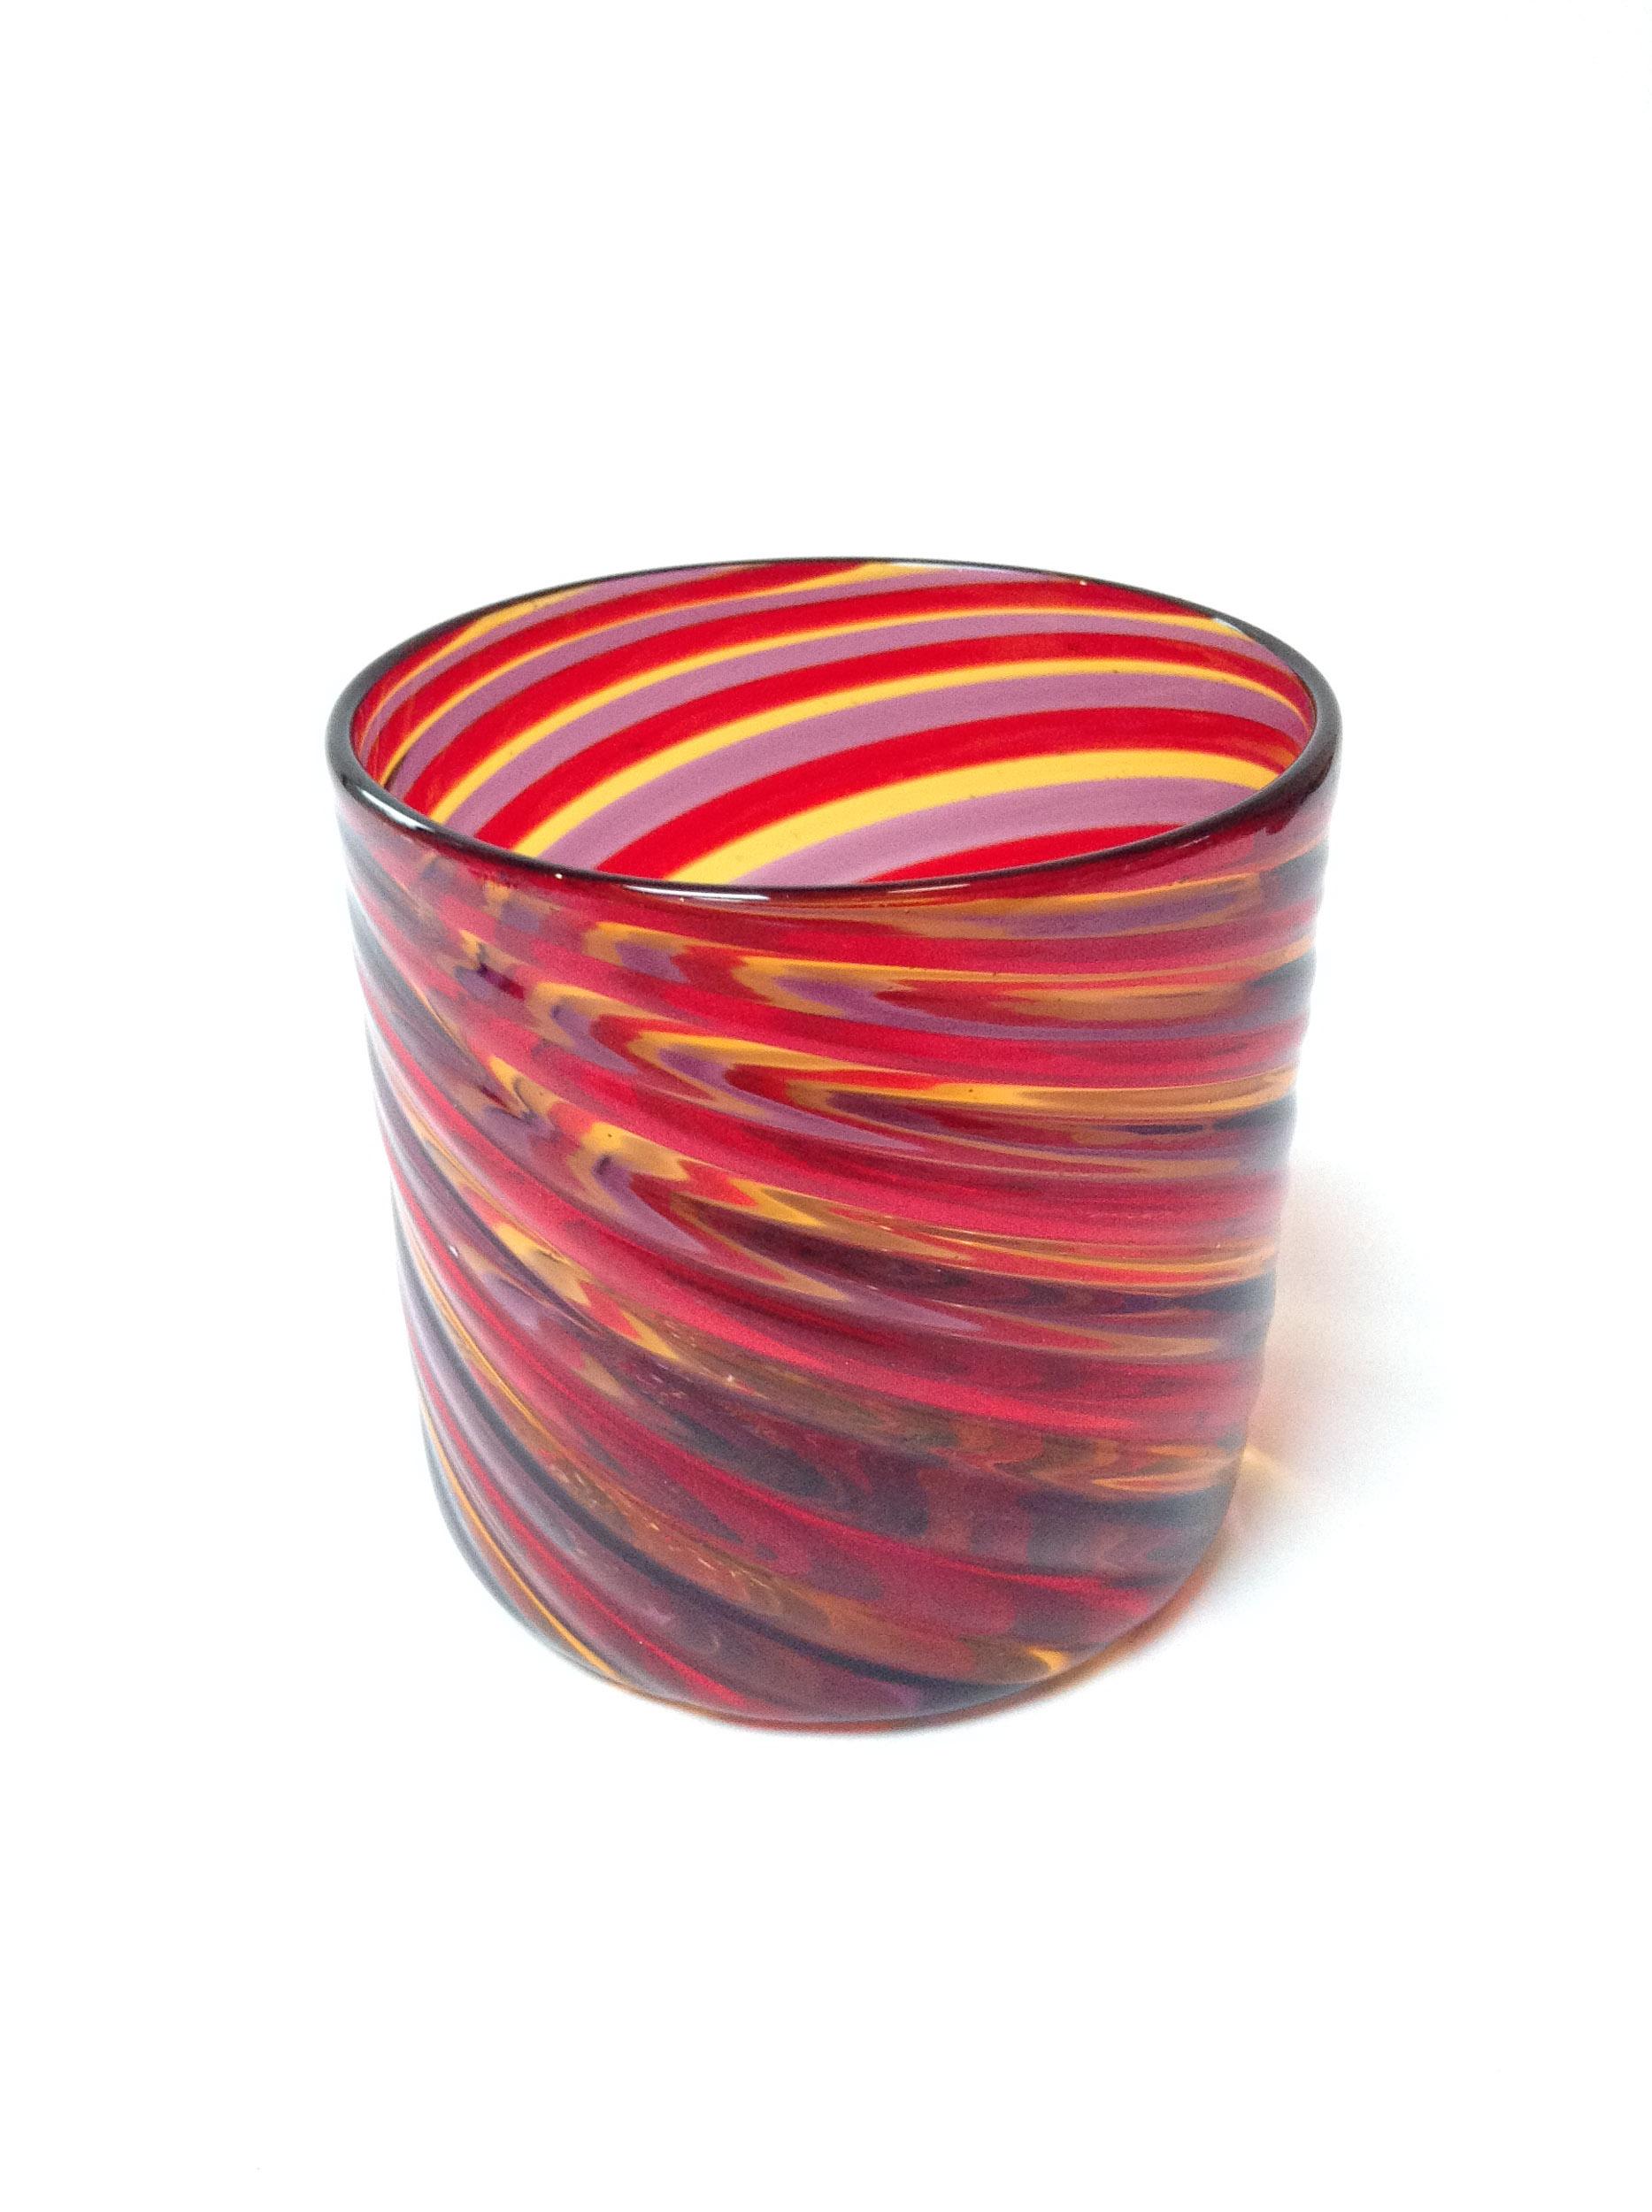 Olive-Glass_Italian-Art-Glass_Corrie-Haight_Lark-Dalton-20170326-6.jpg